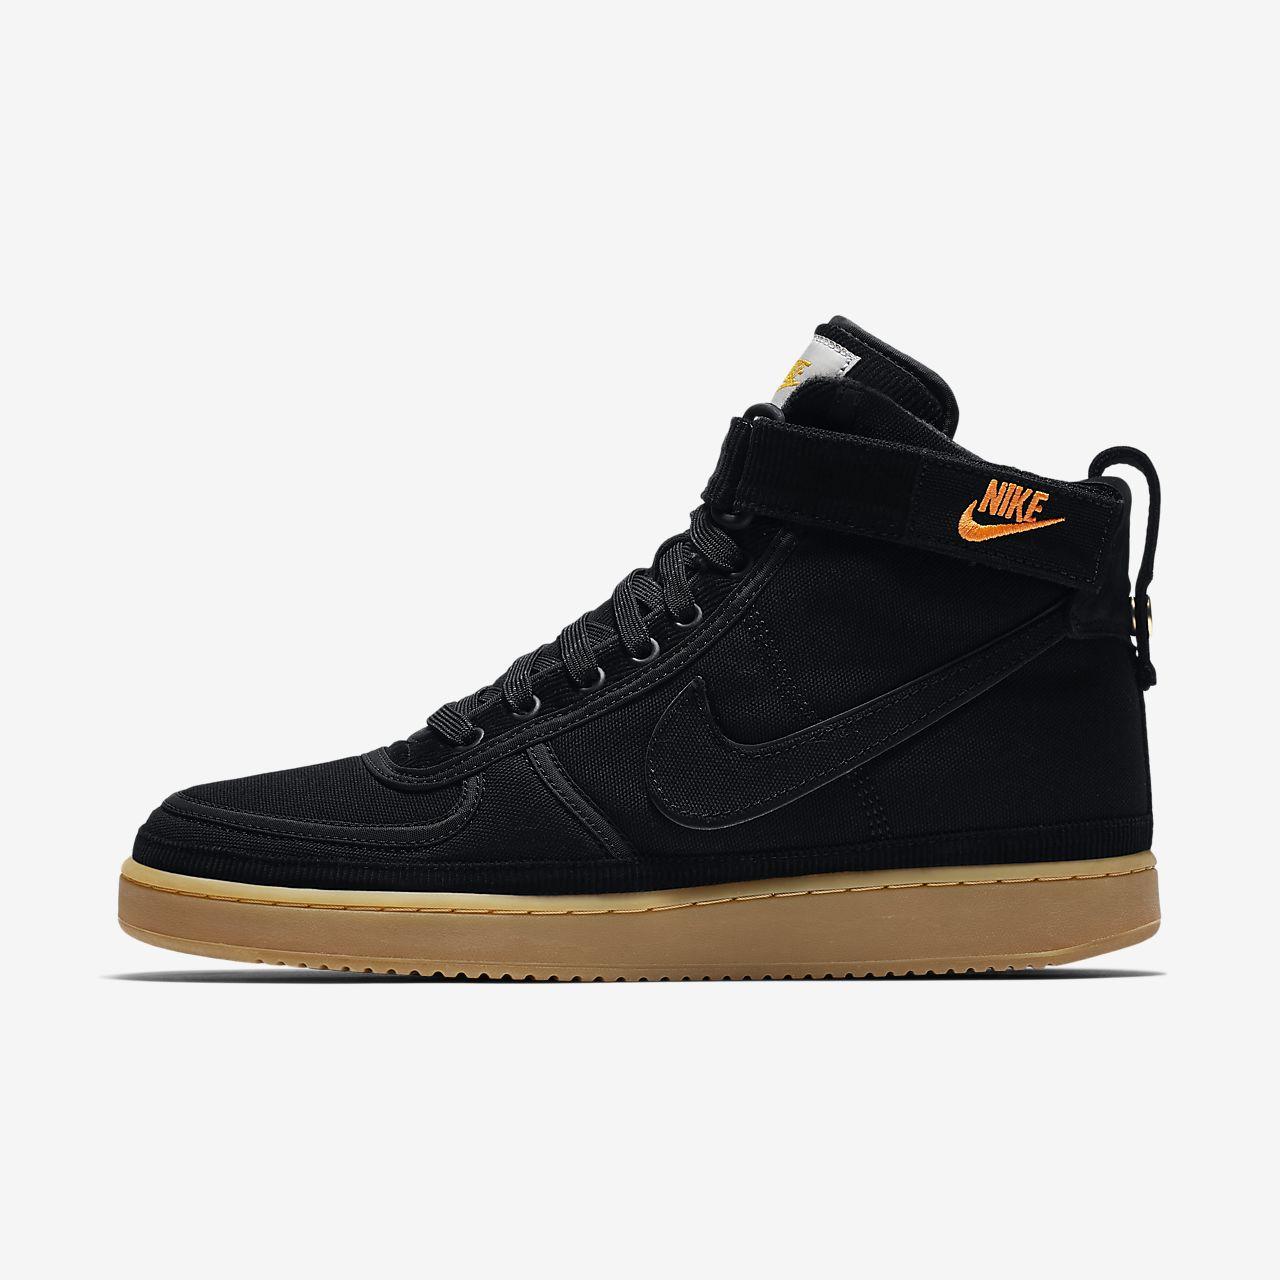 cb6ae9b2a9eb Nike Vandal High Supreme Premium WIP Men s Shoe. Nike.com SG